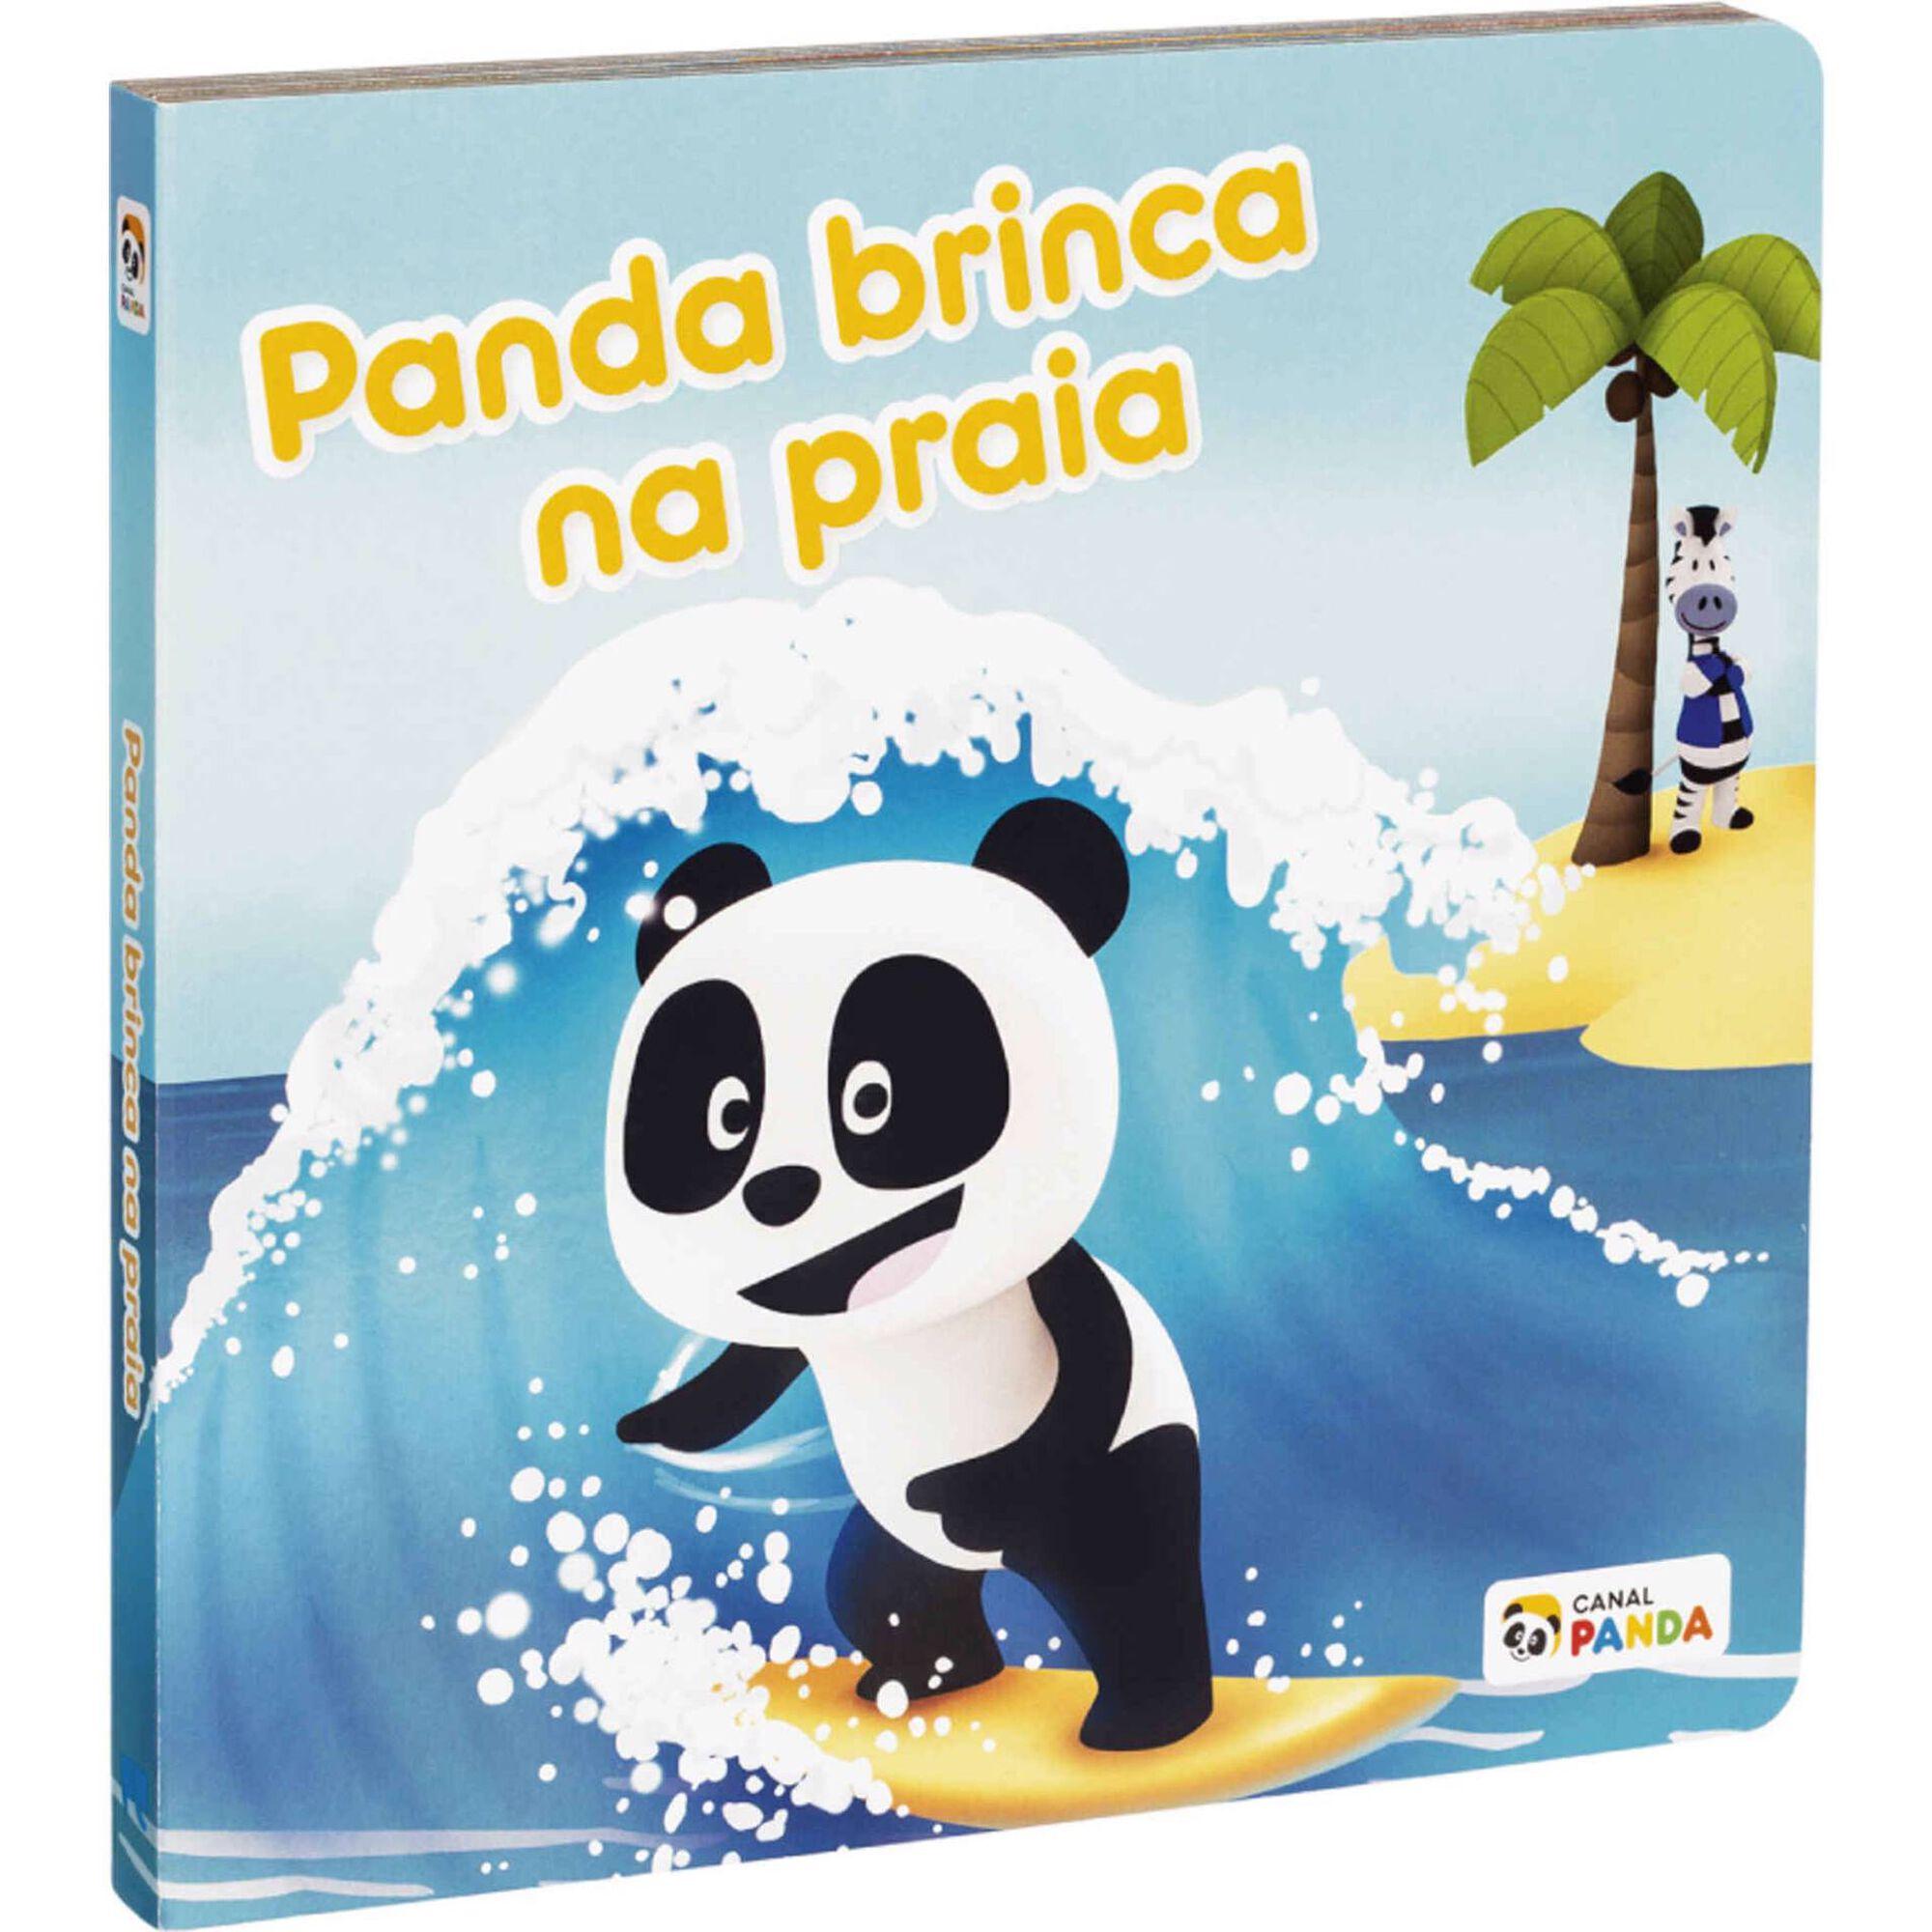 Panda - Panda Brinca na Praia